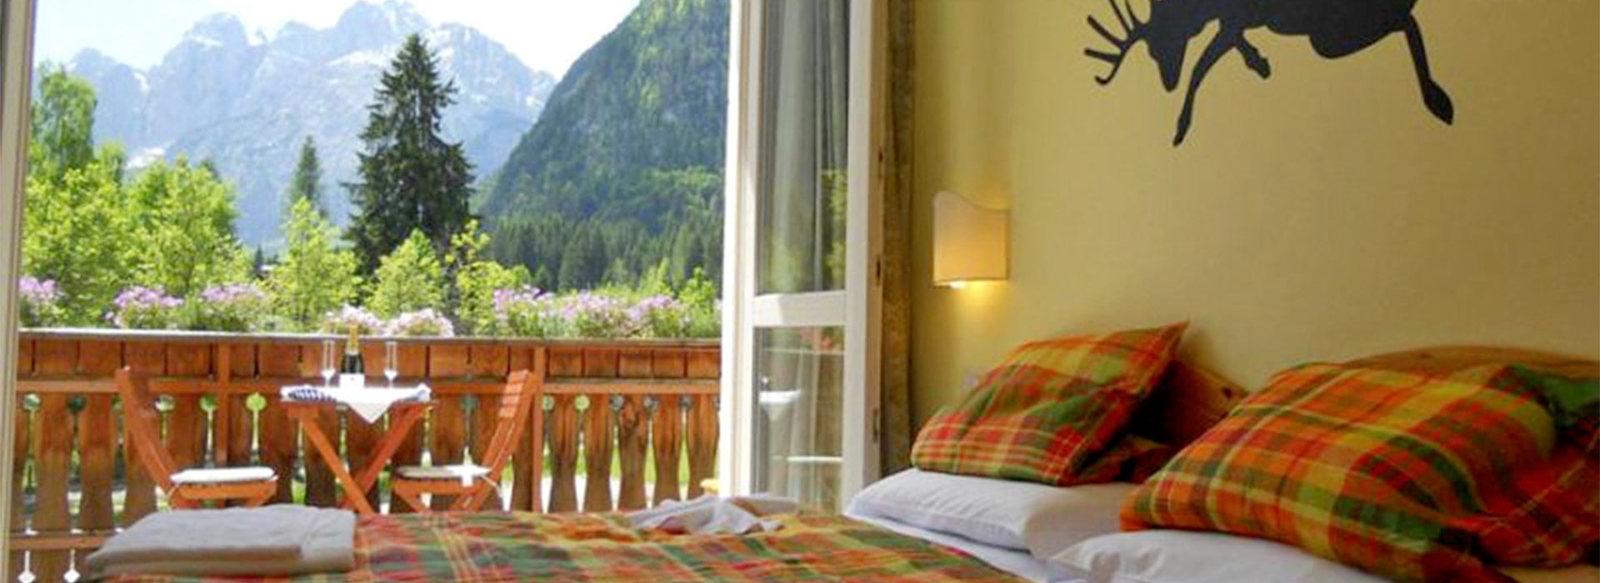 Vacanze sulle Alpi Giulie